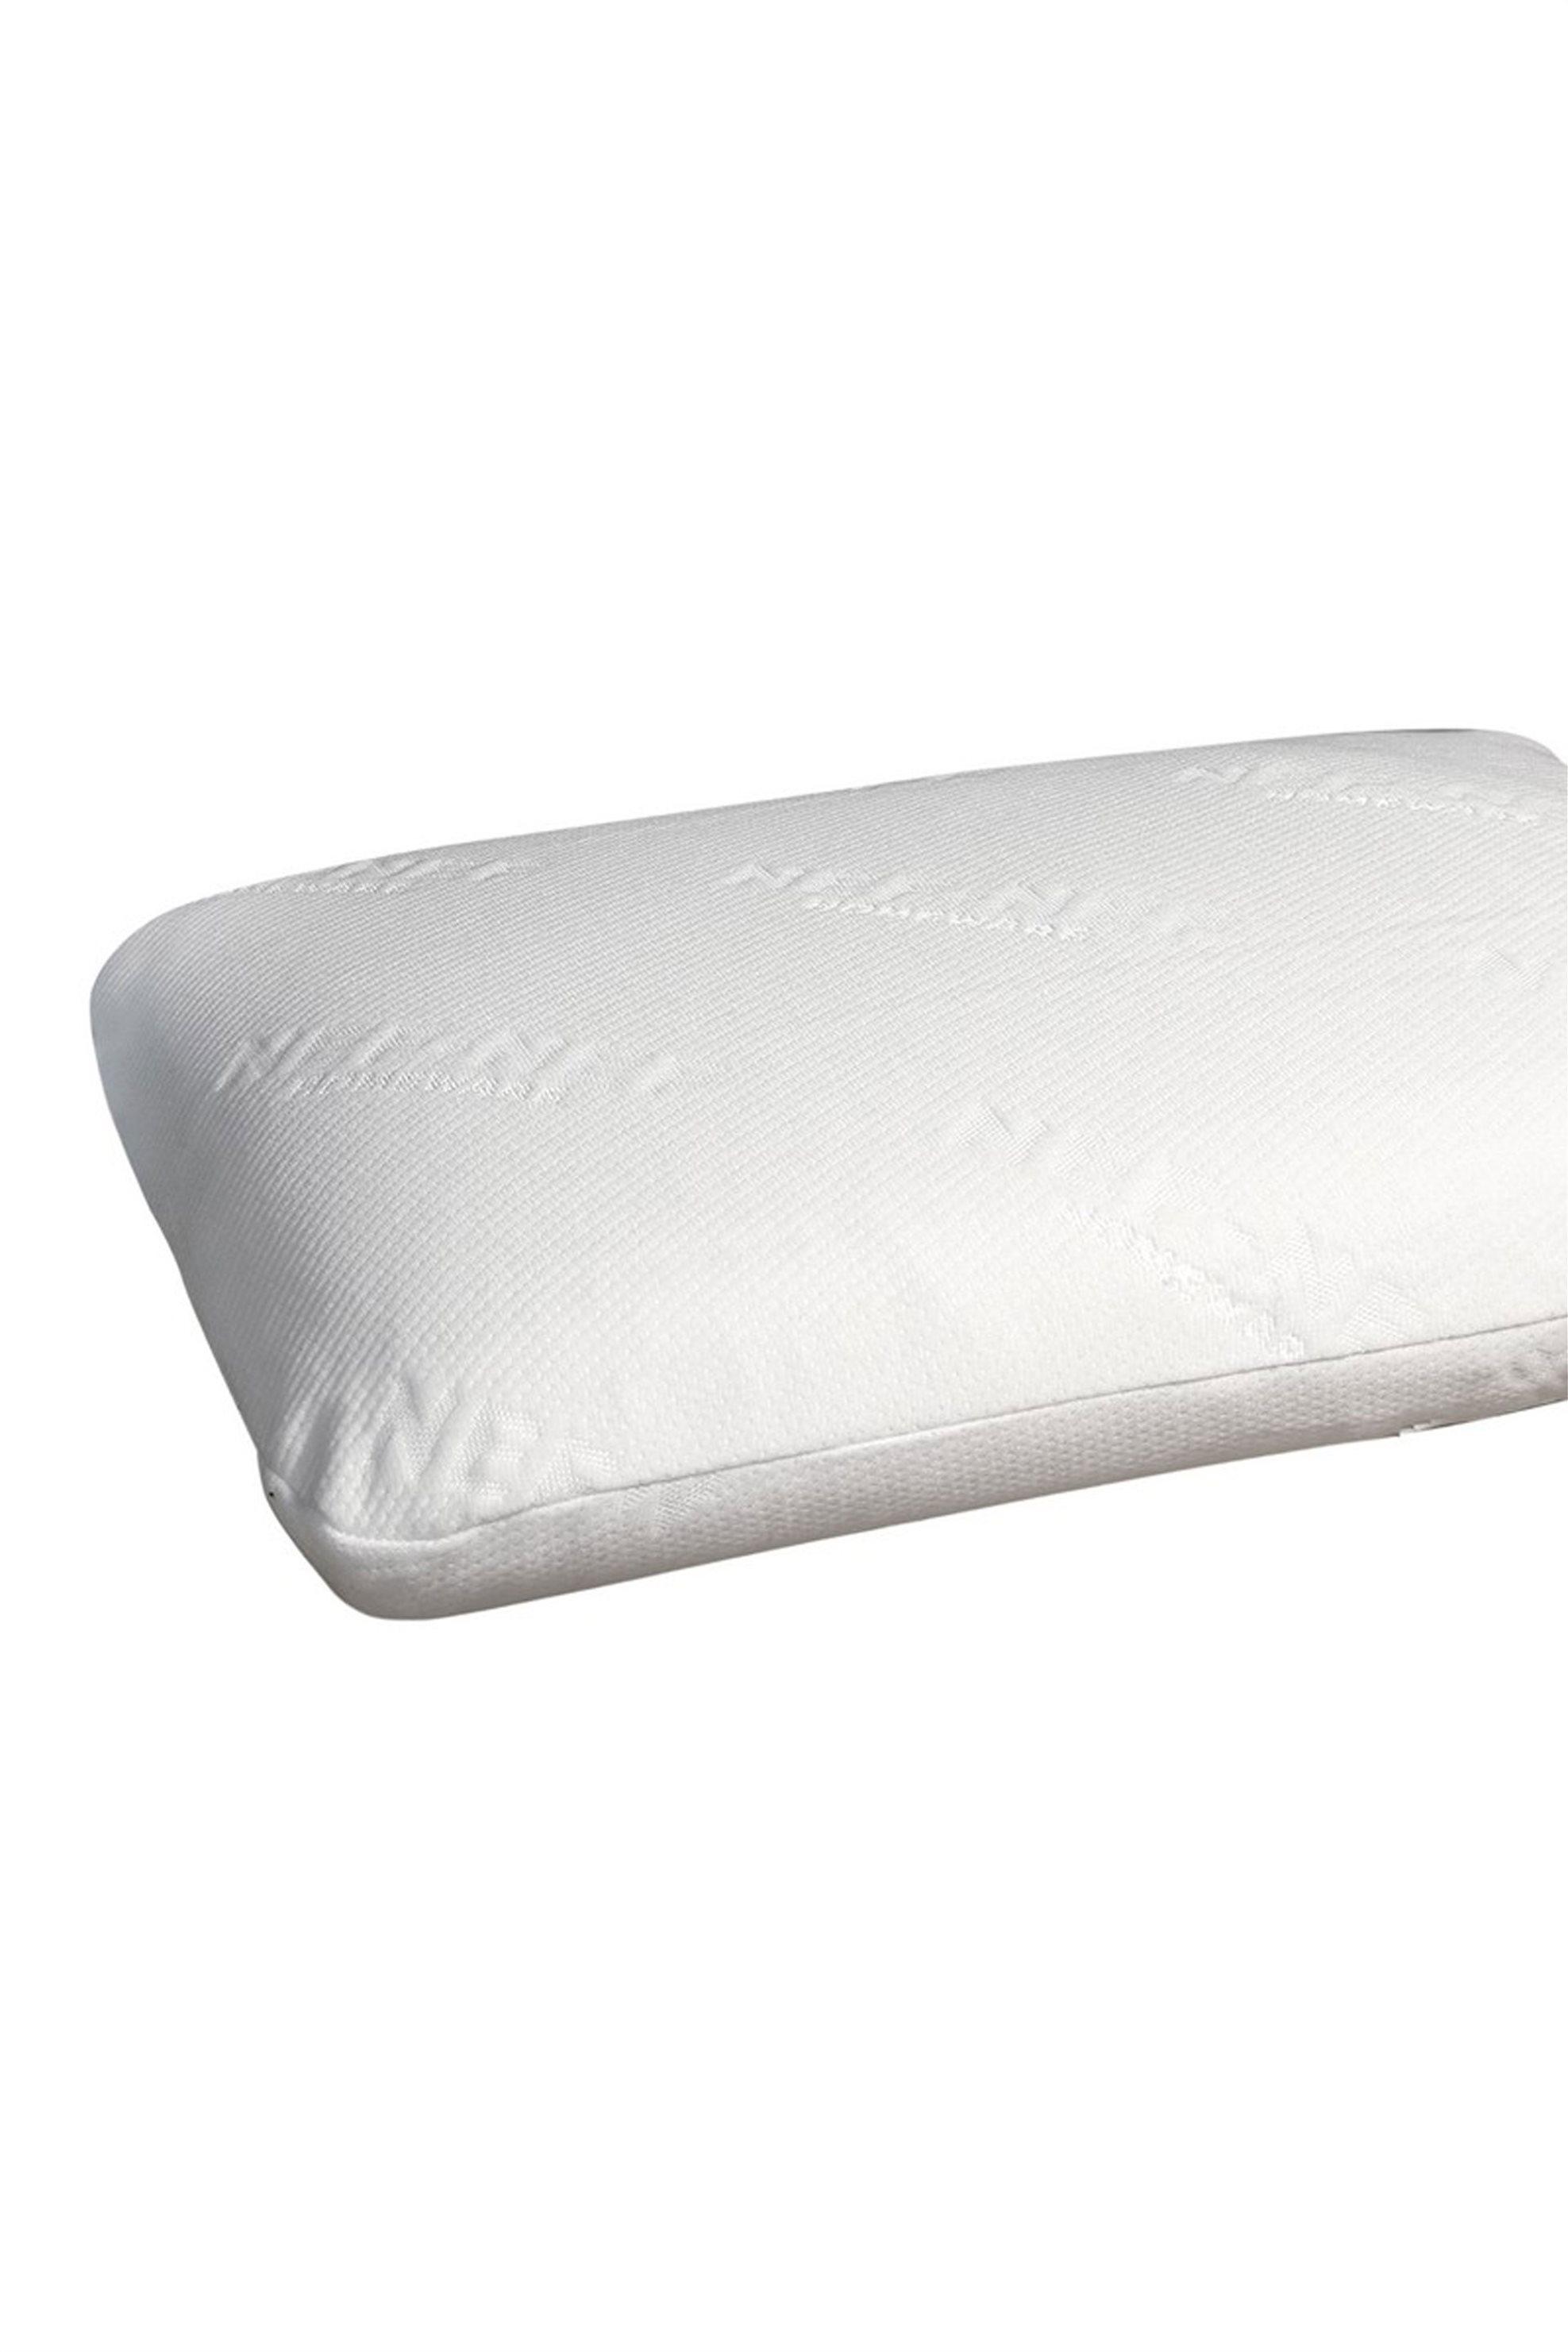 Παιδικό μαξιλάρι latex (60 x 40 x 6 cm) NEF-NEF - 017275 - Λευκό home   παιδια   μαξιλάρια